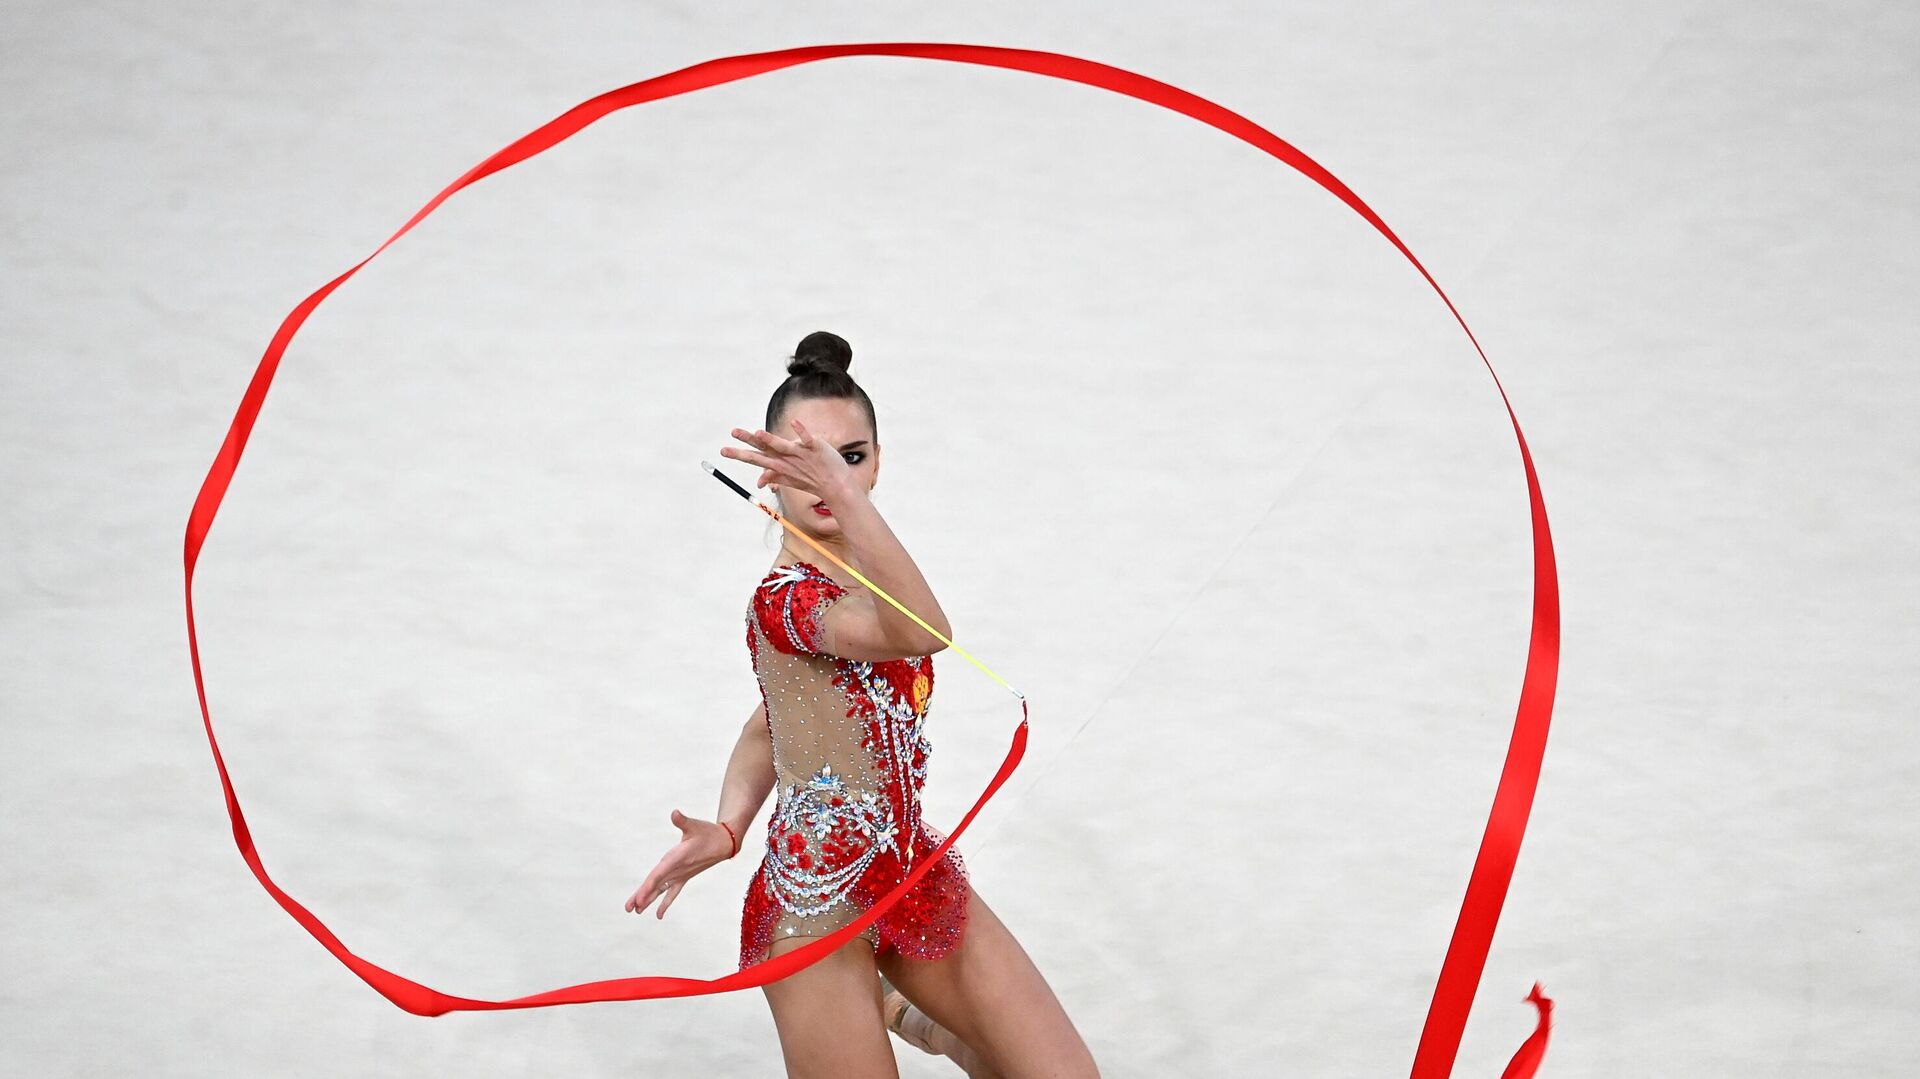 Дина Аверина (Россия) выполняет упражнения с лентой в индивидуальной программе многоборья в финале Гран-при Москва 2021 по художественной гимнастике  - РИА Новости, 1920, 29.05.2021